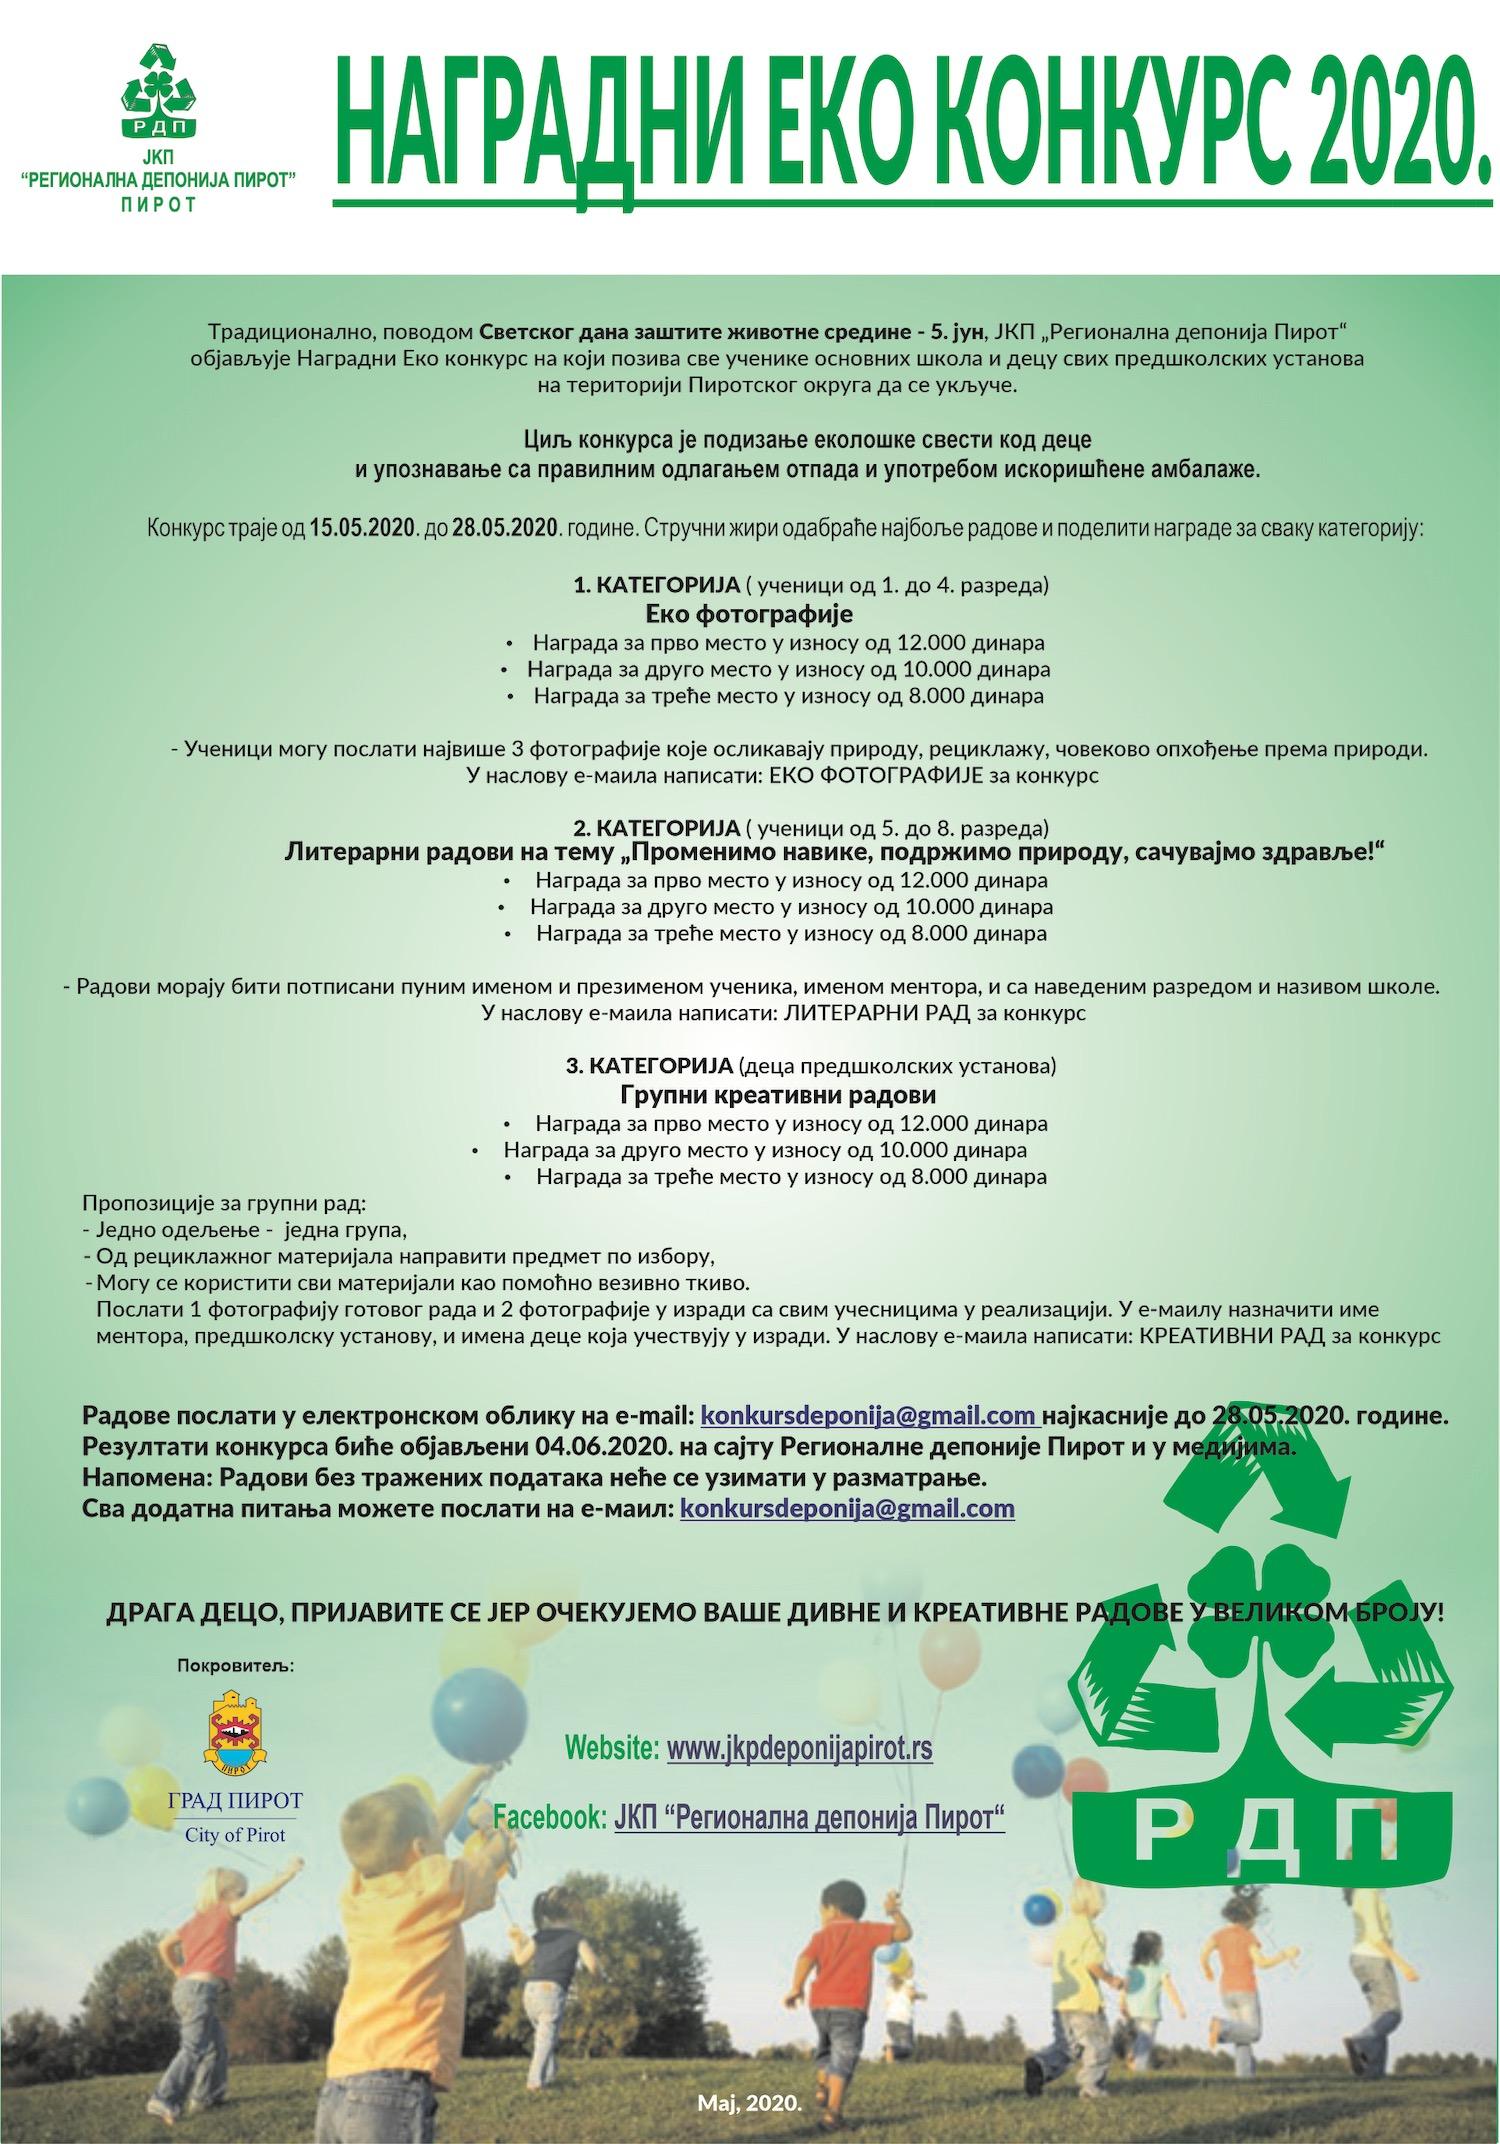 Традиционални наградни конкурс Регионалне депоније Пирот поводом Светског дана заштите животне средине